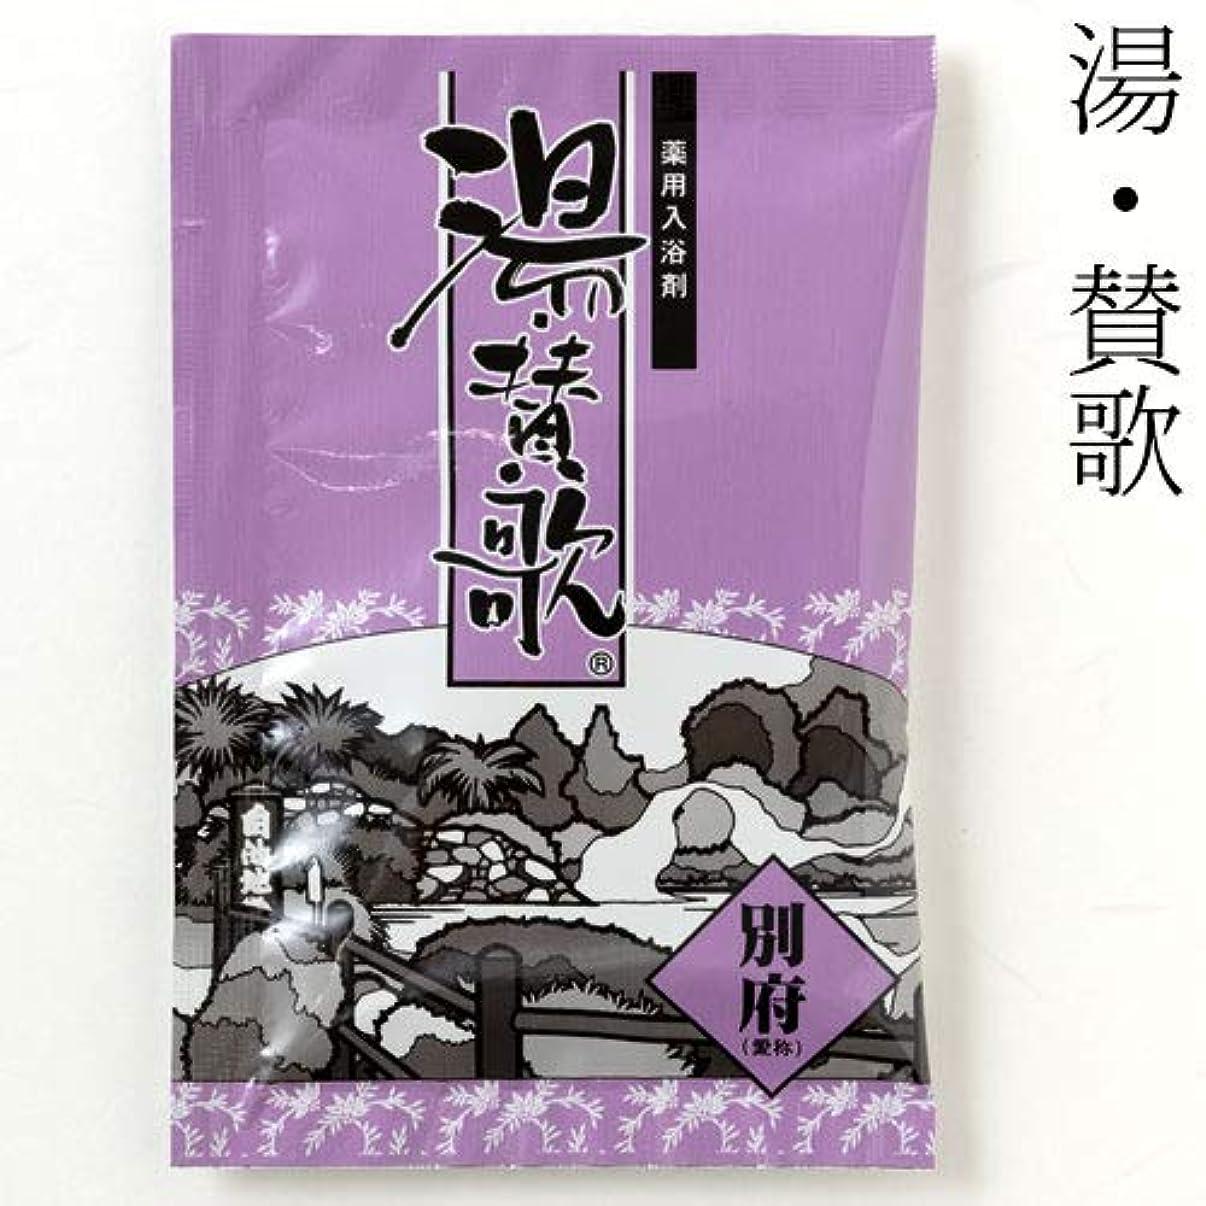 見せますまぶしさ失業者入浴剤湯?賛歌別府1包石川県のお風呂グッズBath additive, Ishikawa craft